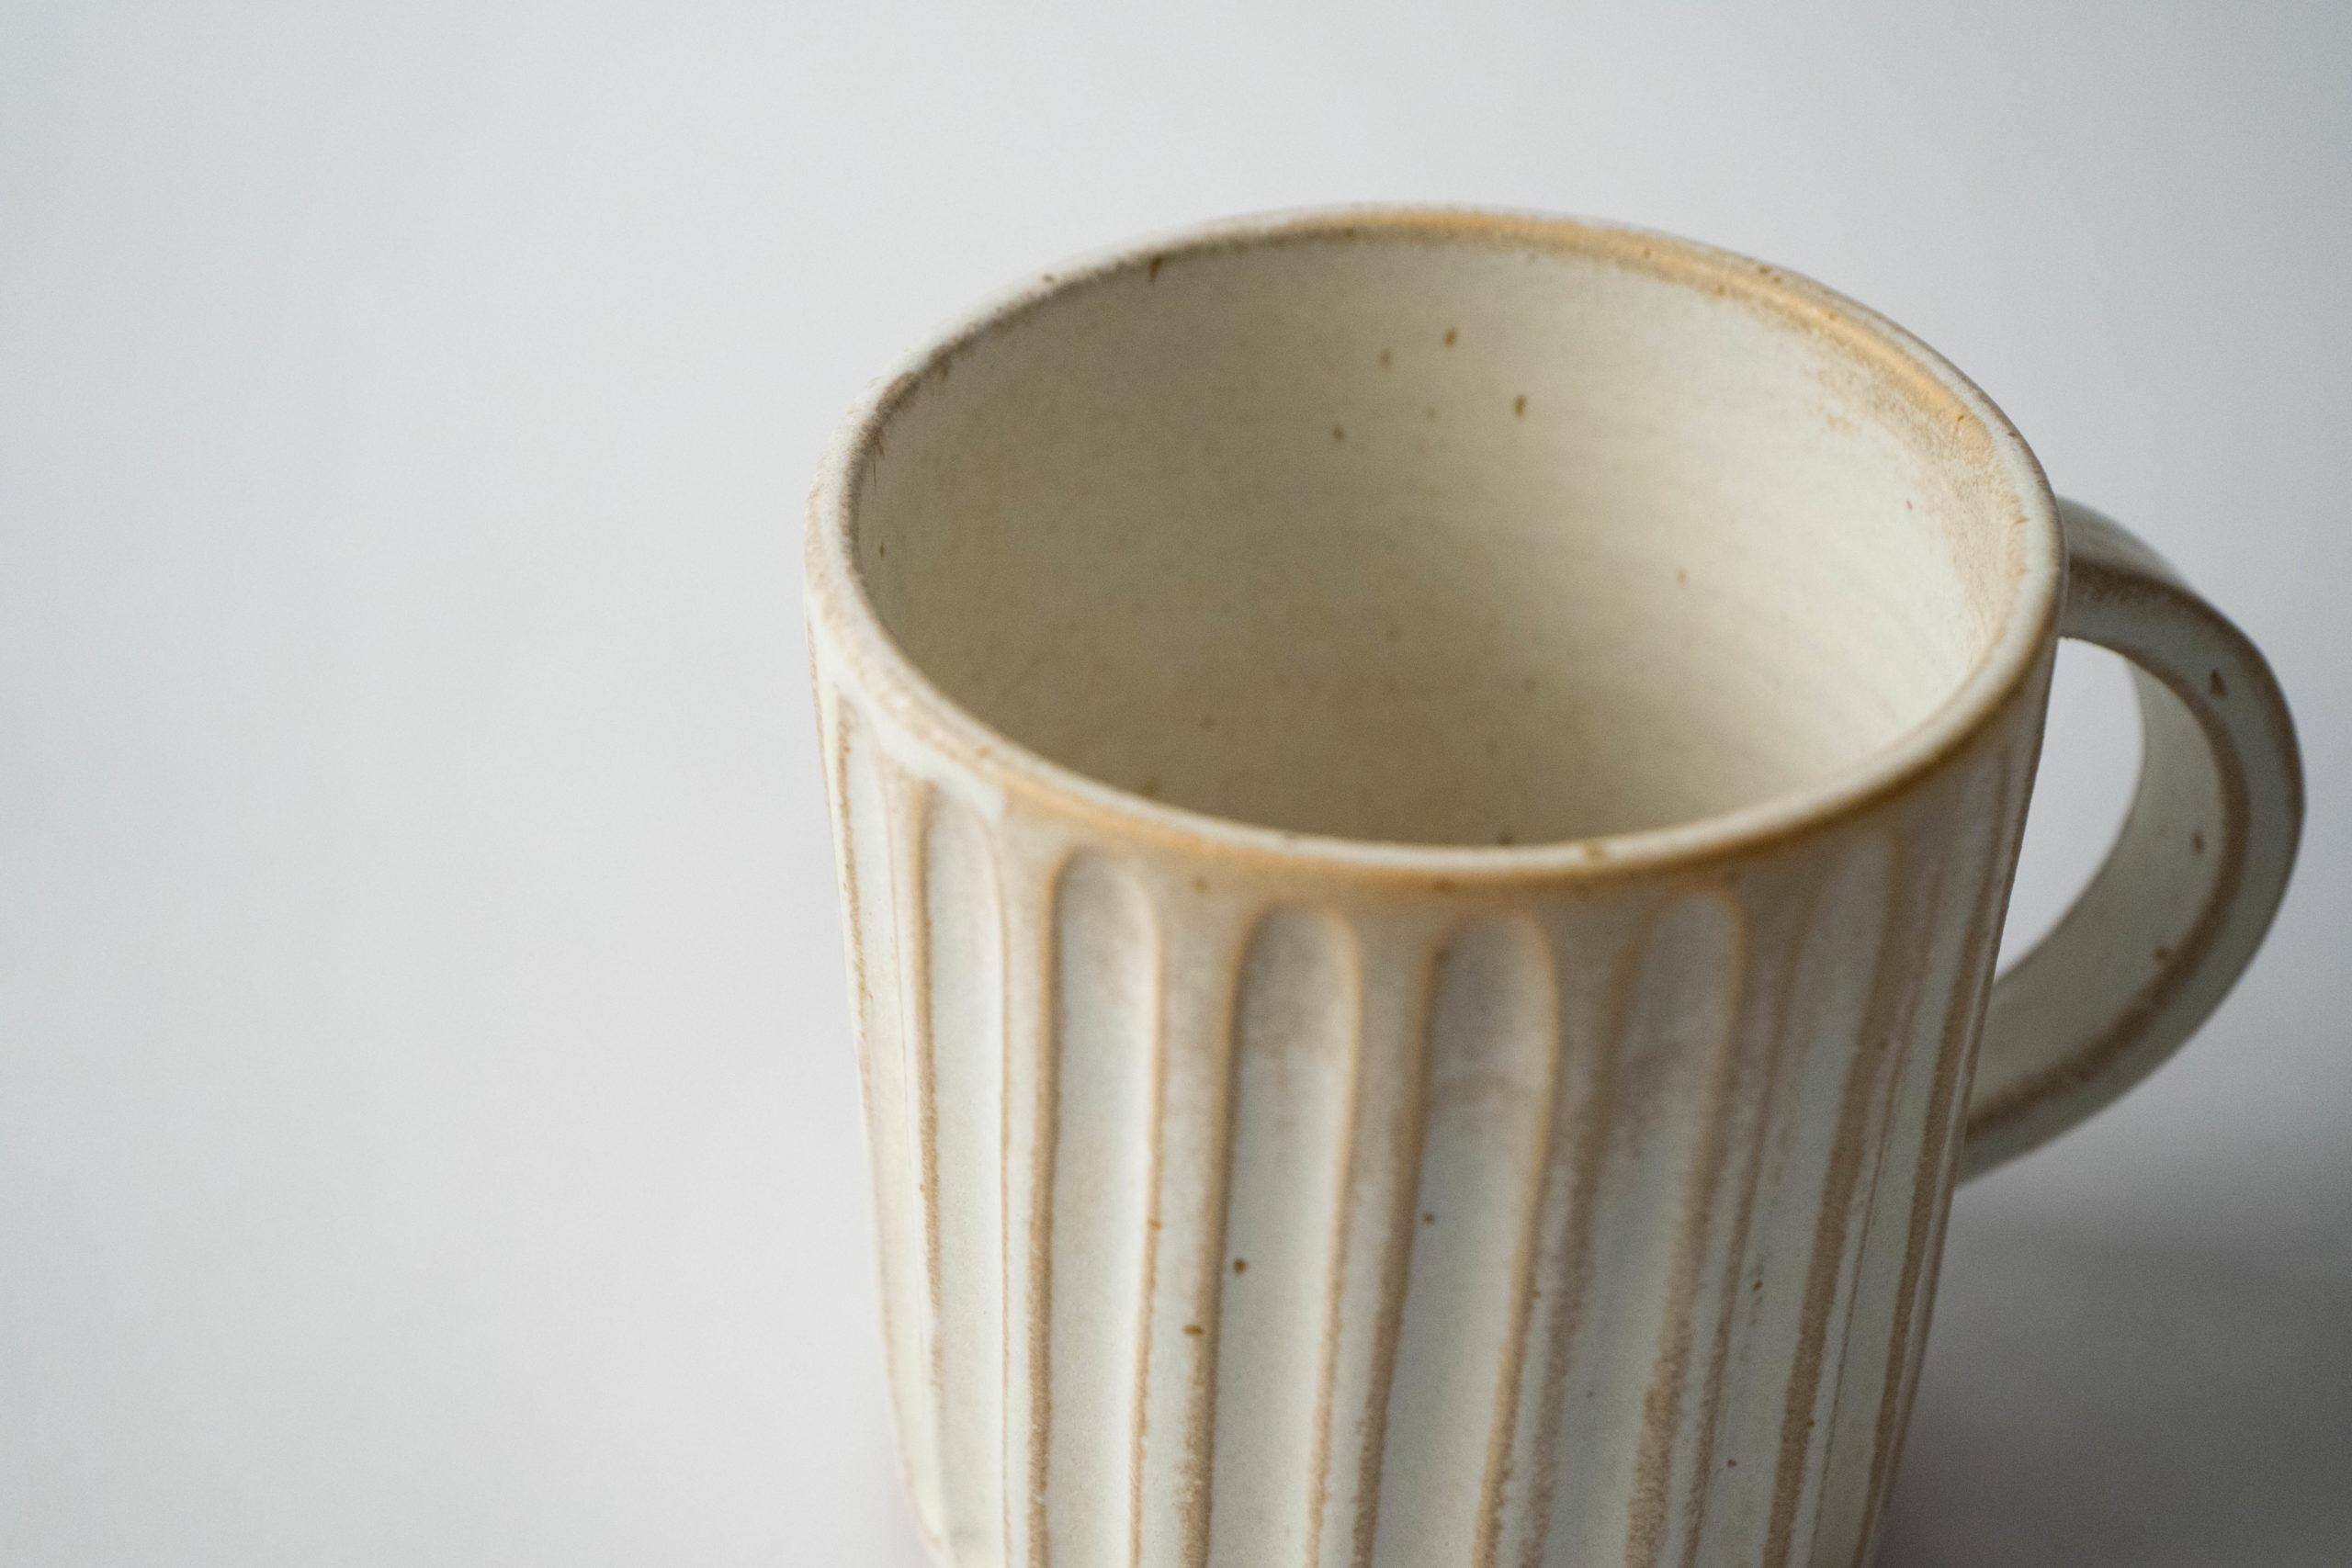 detalle ceramica de calidad taza juego